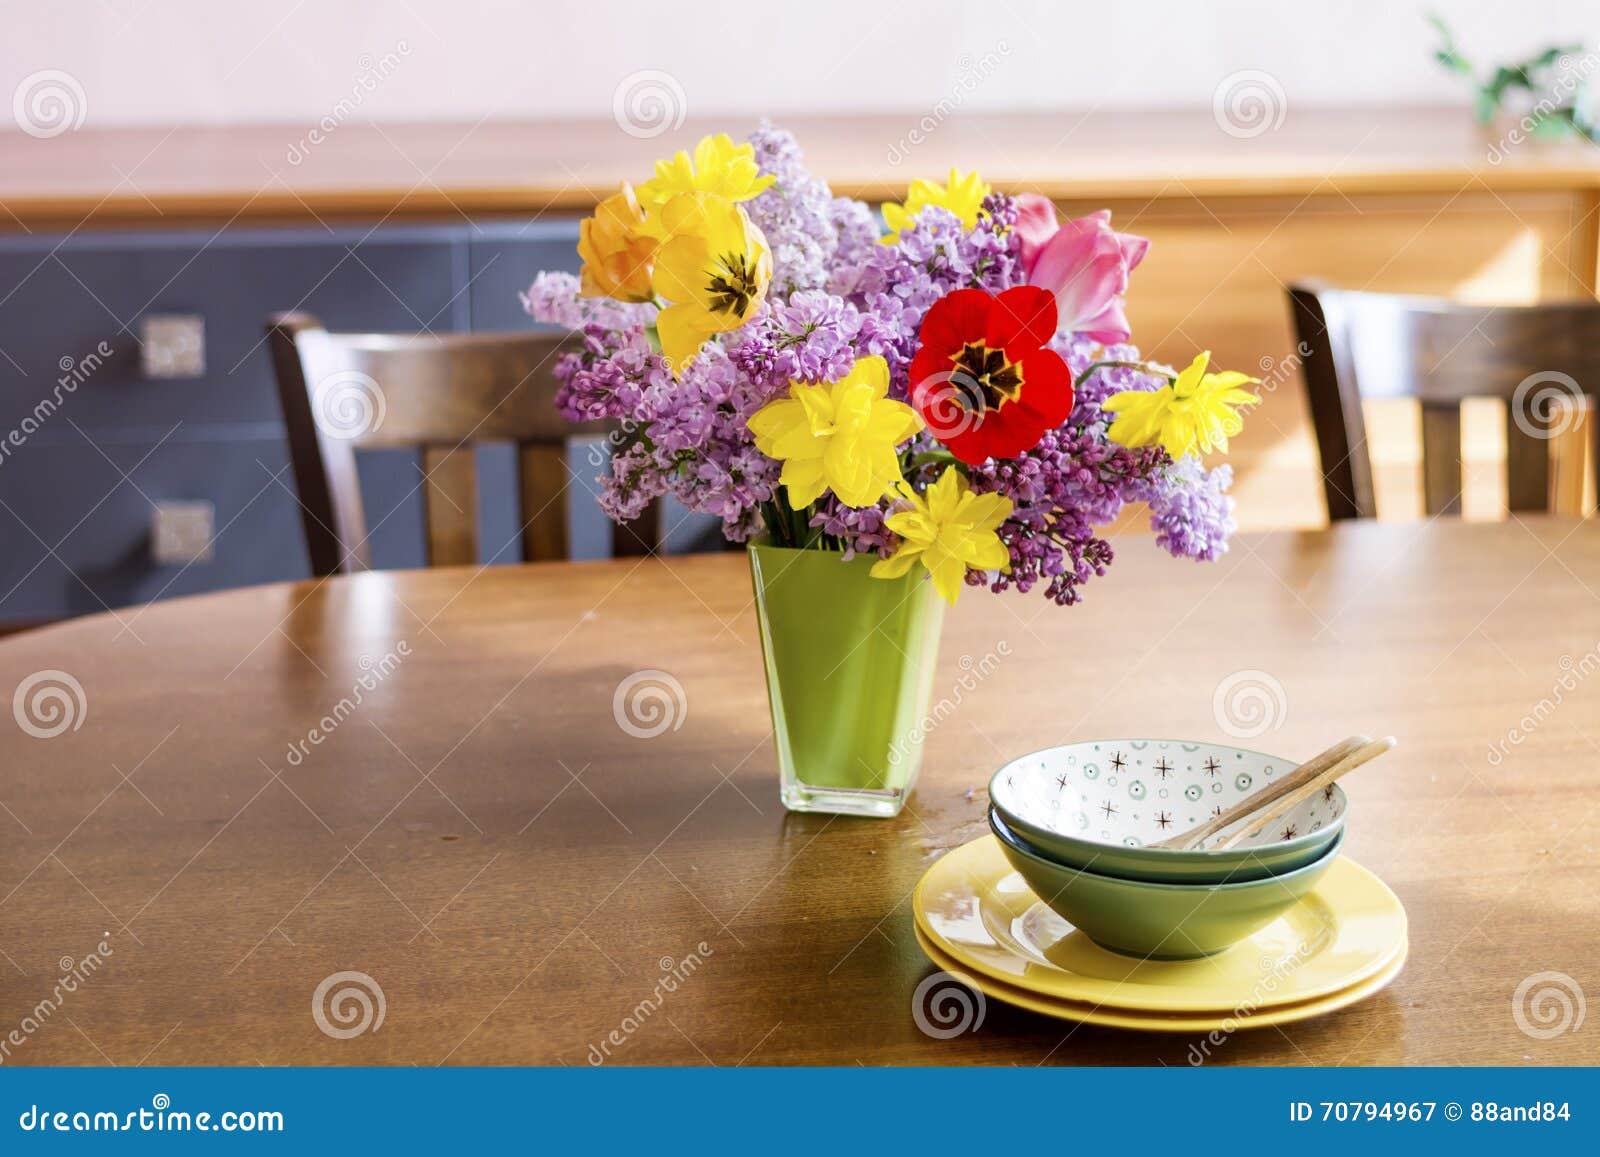 fleurs de tulipes de narcisse et de lilas dans un vase en verre vert sur une table en bois. Black Bedroom Furniture Sets. Home Design Ideas